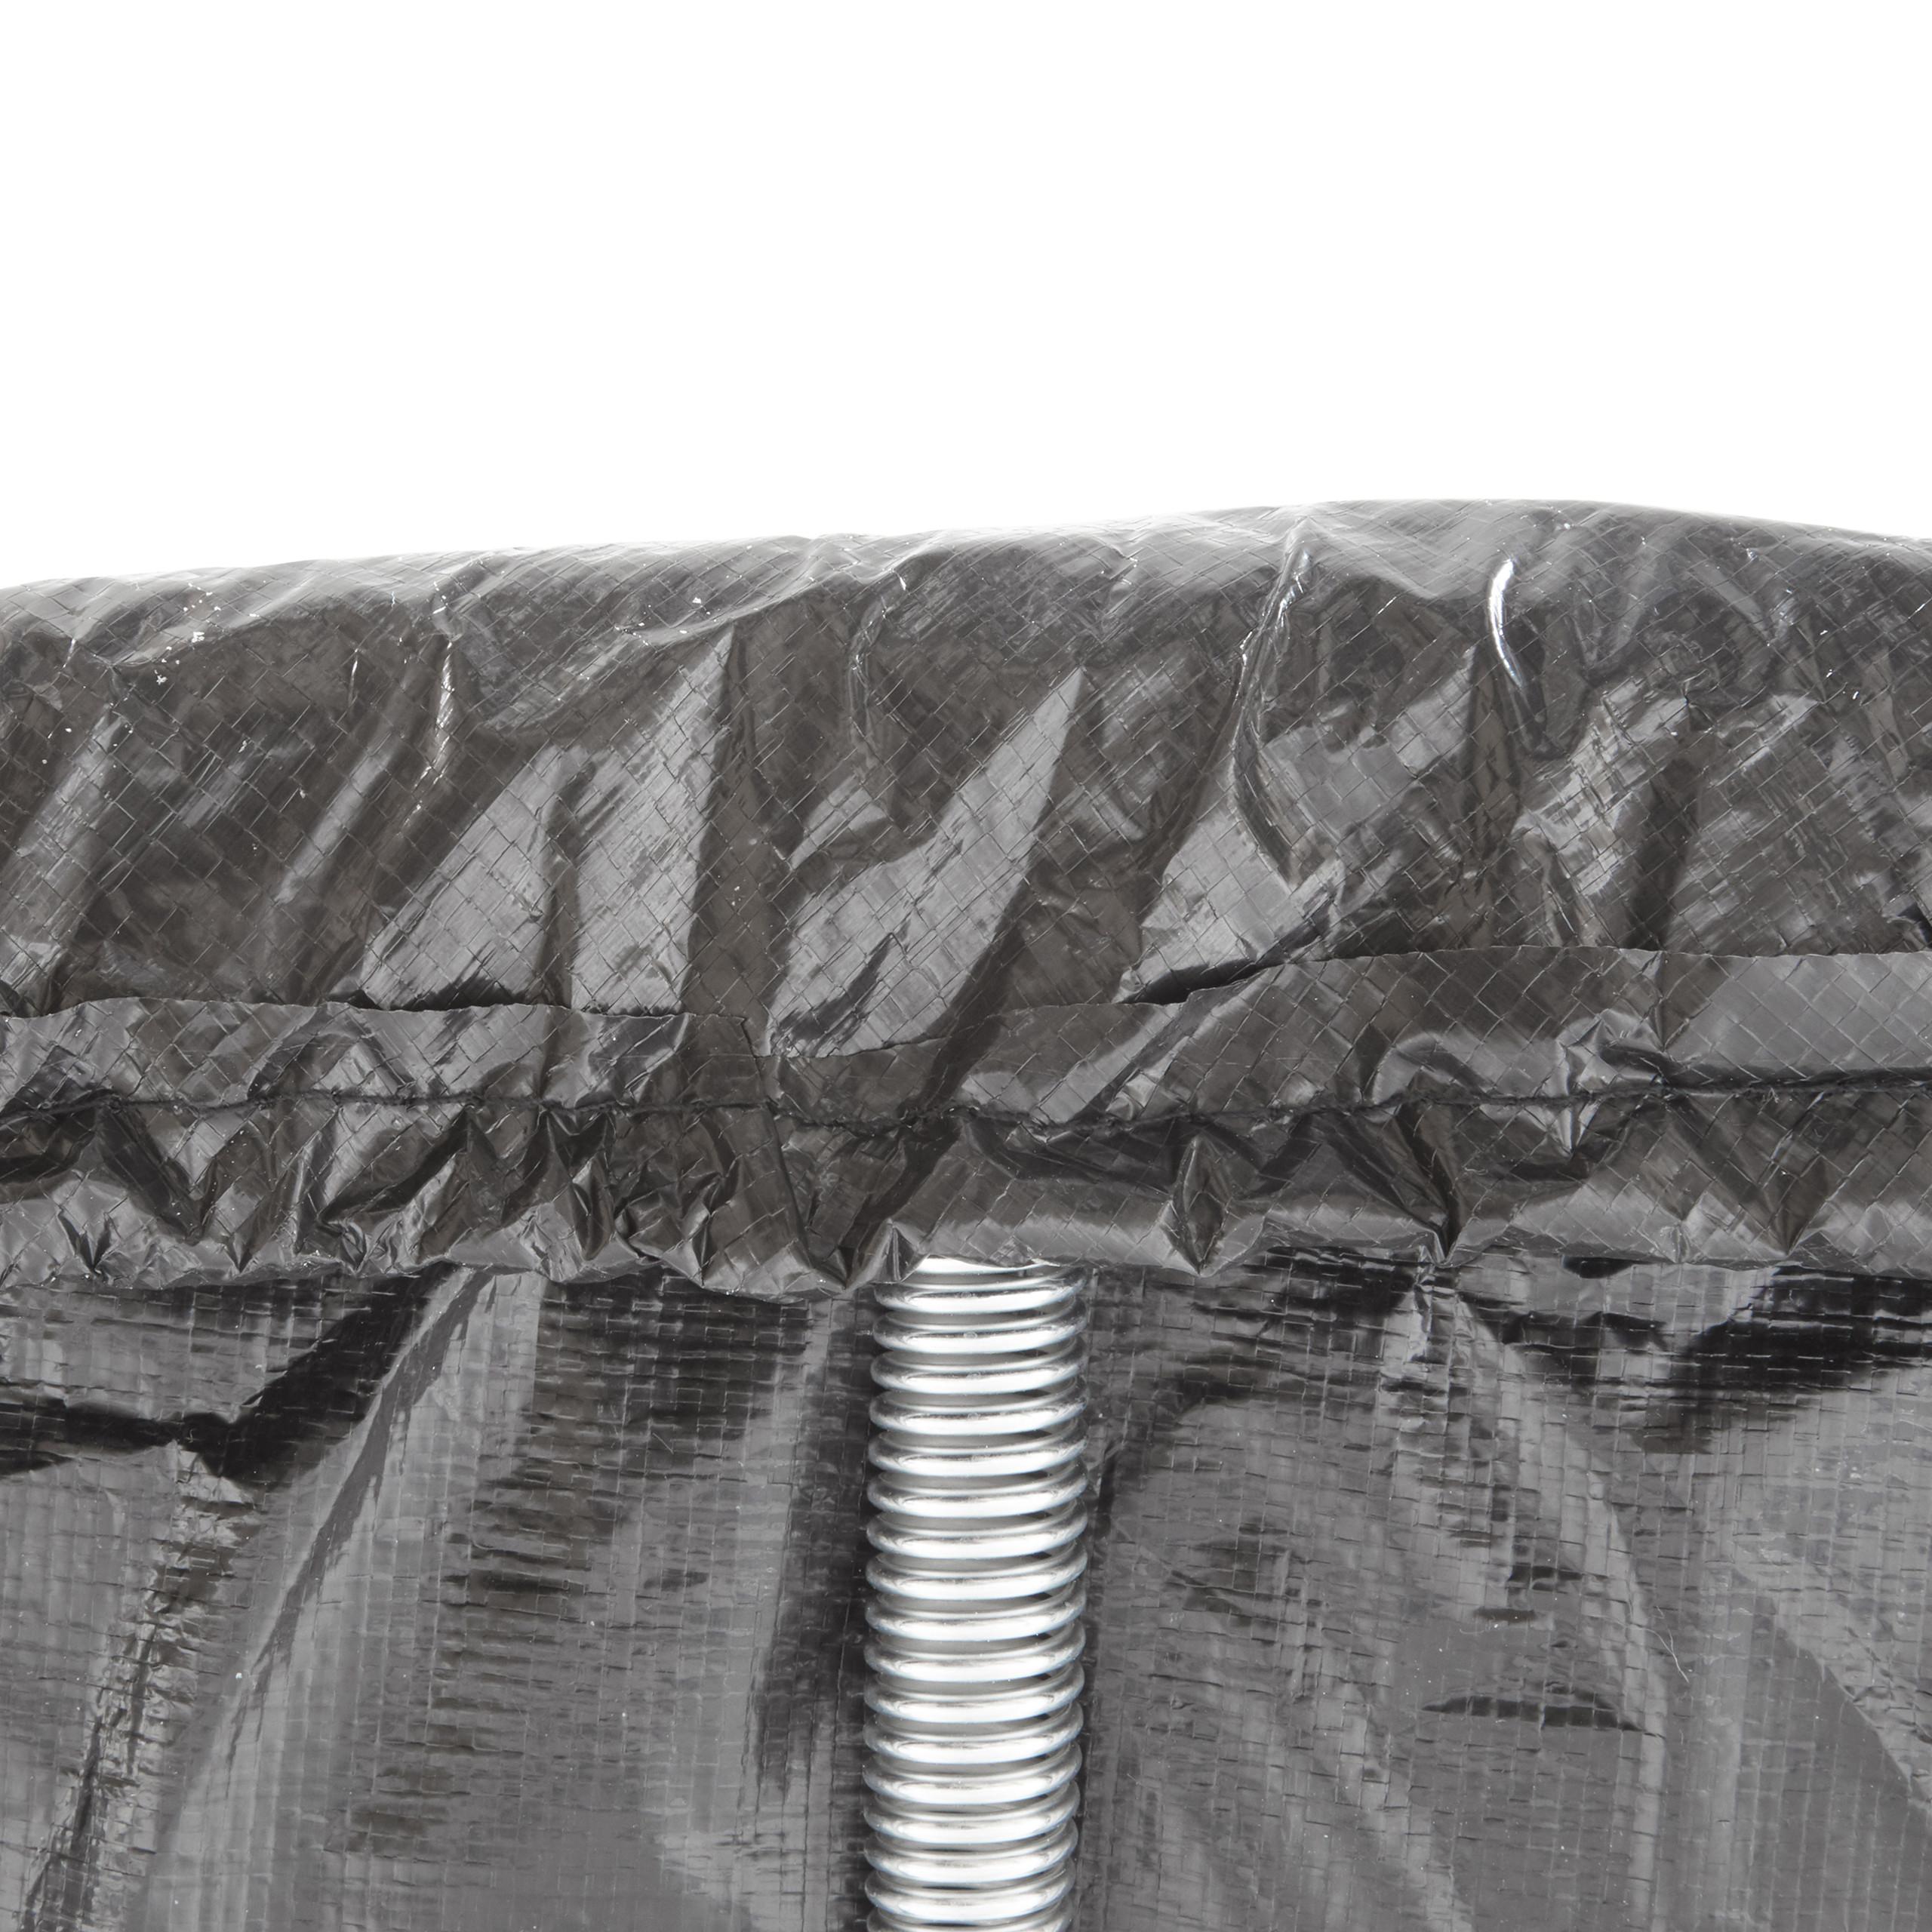 Housse-de-Protection-pour-Trampoline-Bache-pluie-vent-jardin-intemperies miniature 36